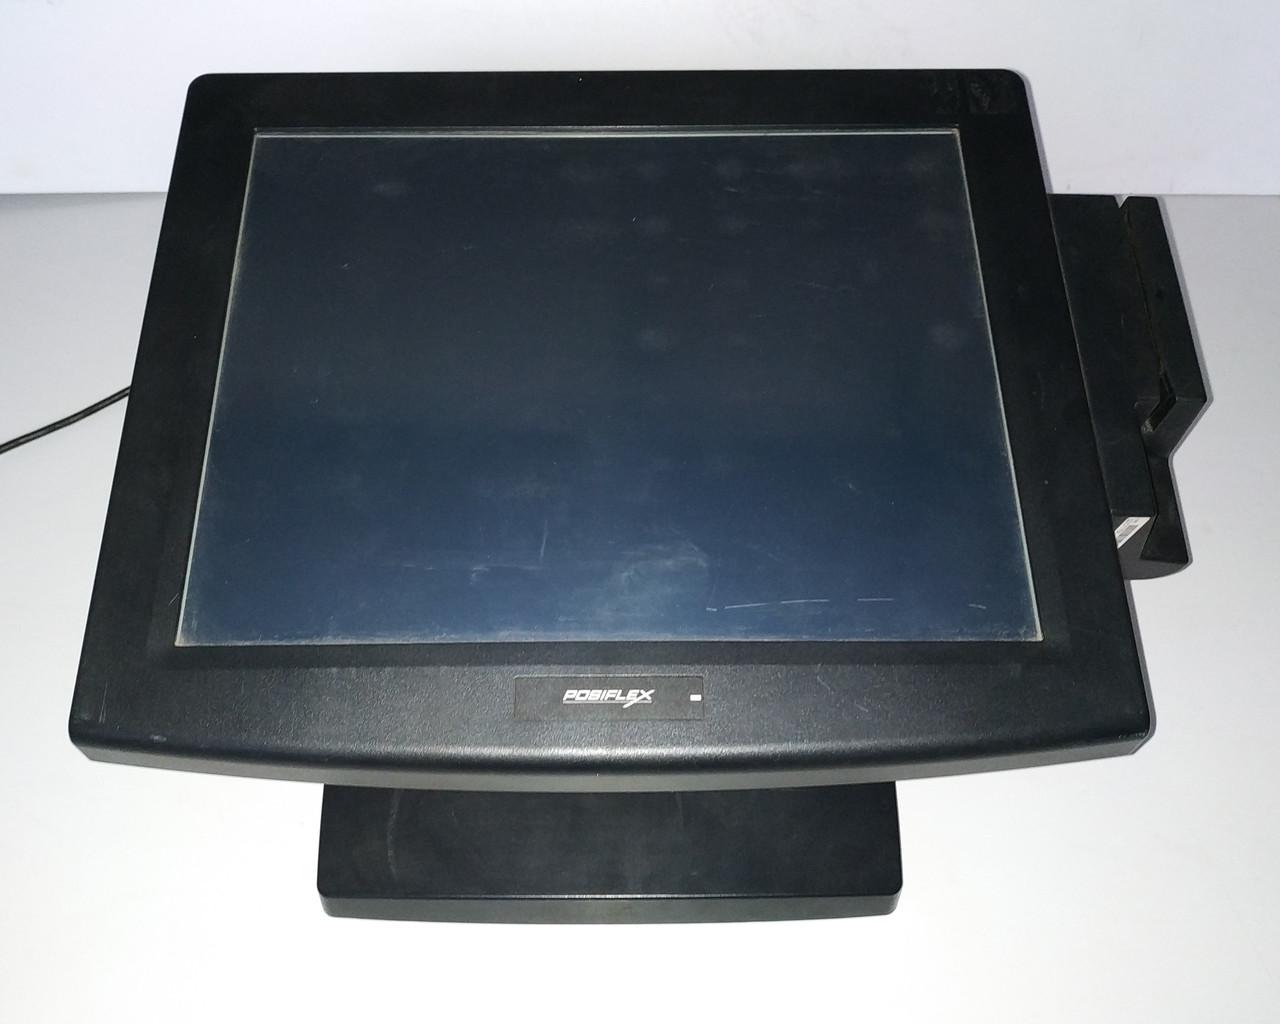 POS монитор Posiflex TM-8115G-B с ридером магнитных карт! б/у